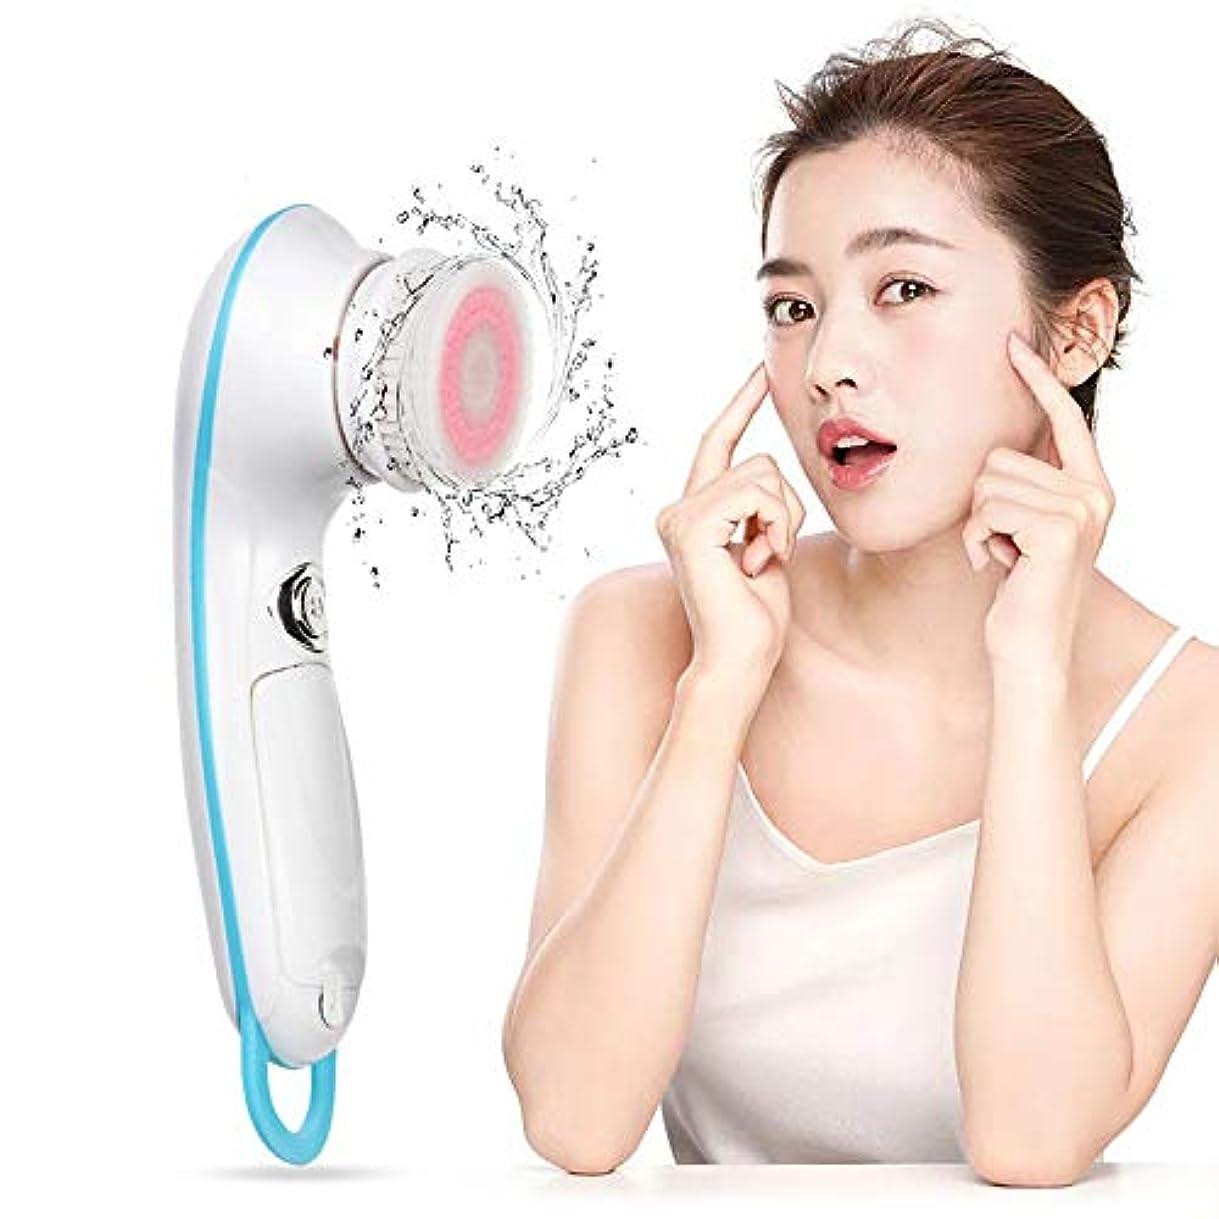 キャンベラ有害な辞任する洗顔は、ブラックヘッドの取り外しとタイマーとのスキンクレンザーメイク除去フェイスマッサージをマッサージ、ディープクレンジング、エクスフォリエイティング用防水、電気ブラシ